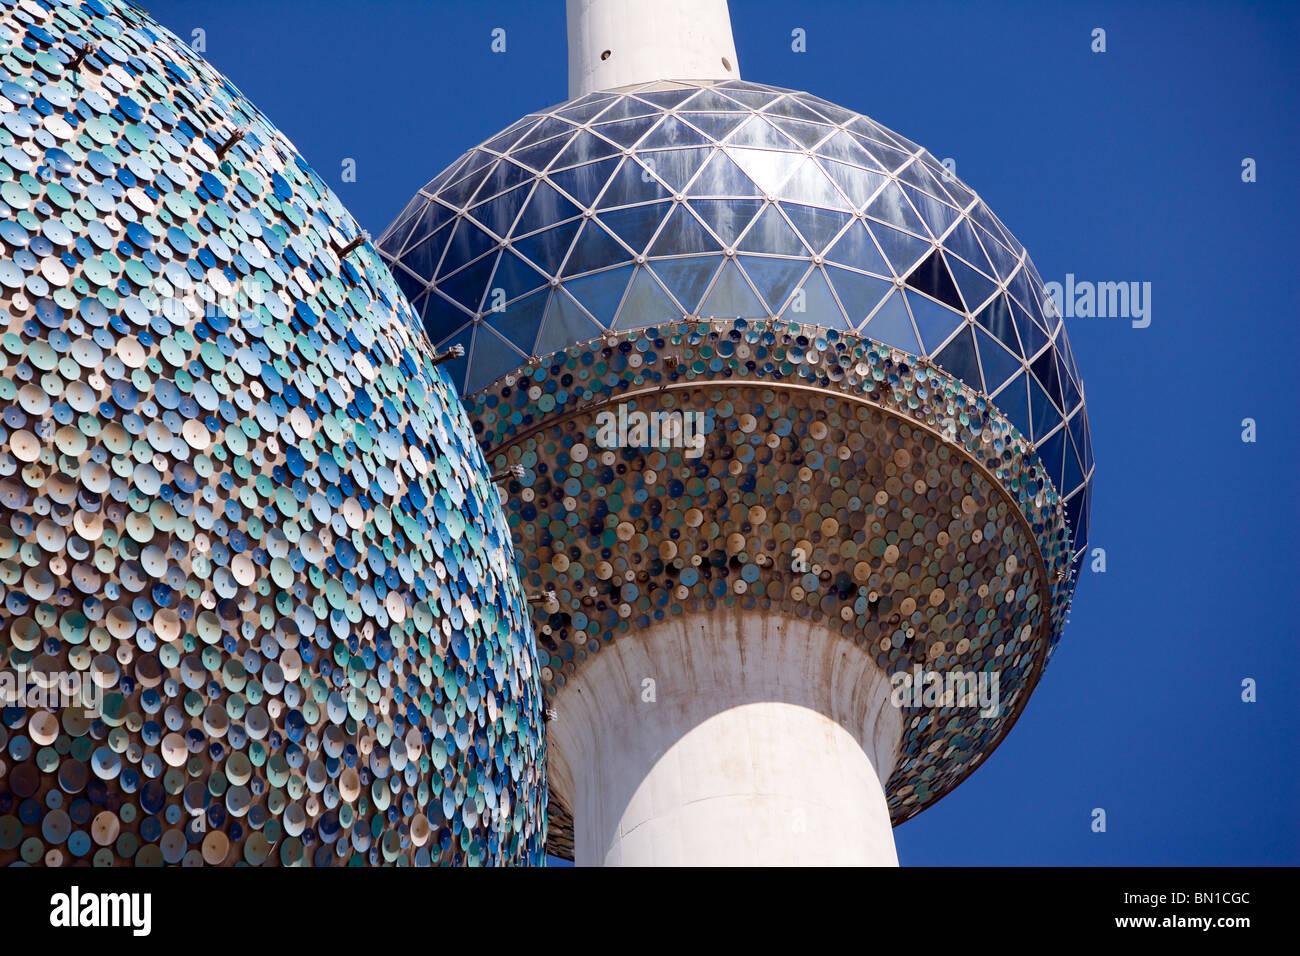 Kuwait Towers, Iconic Landmark, State of Kuwait, Middle East Stock Photo